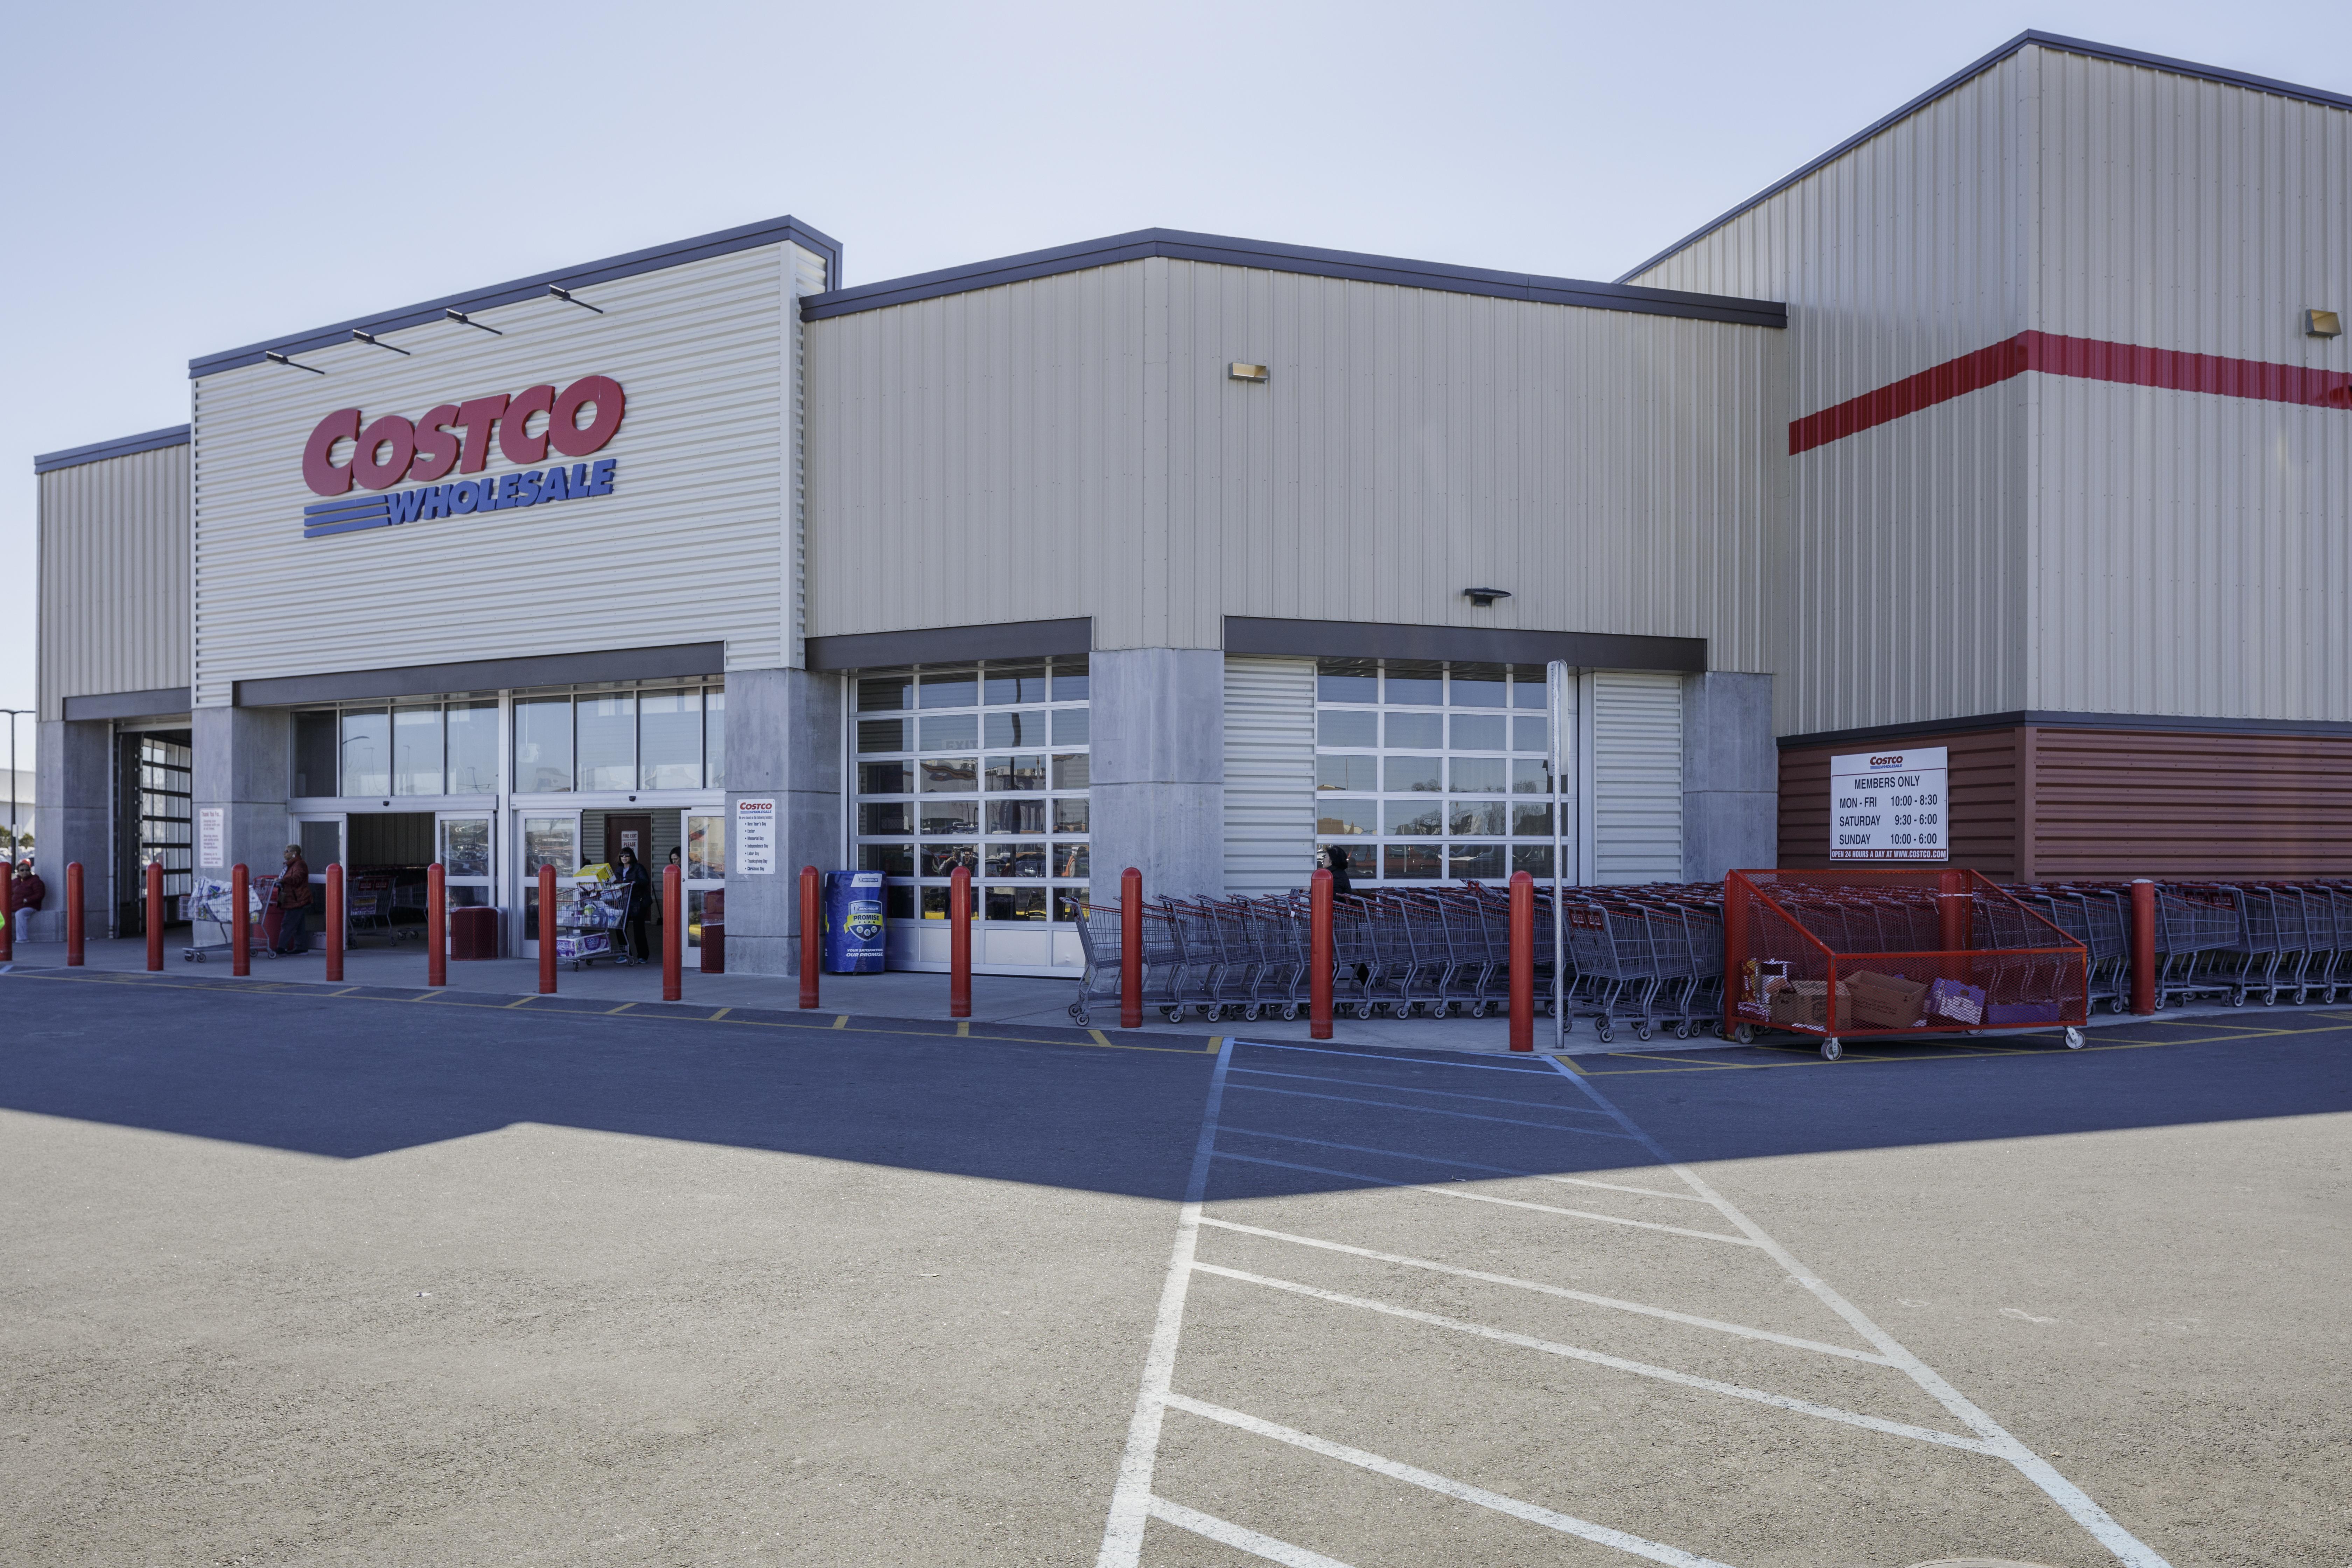 Costco Wholesale in Teterboro, NJ